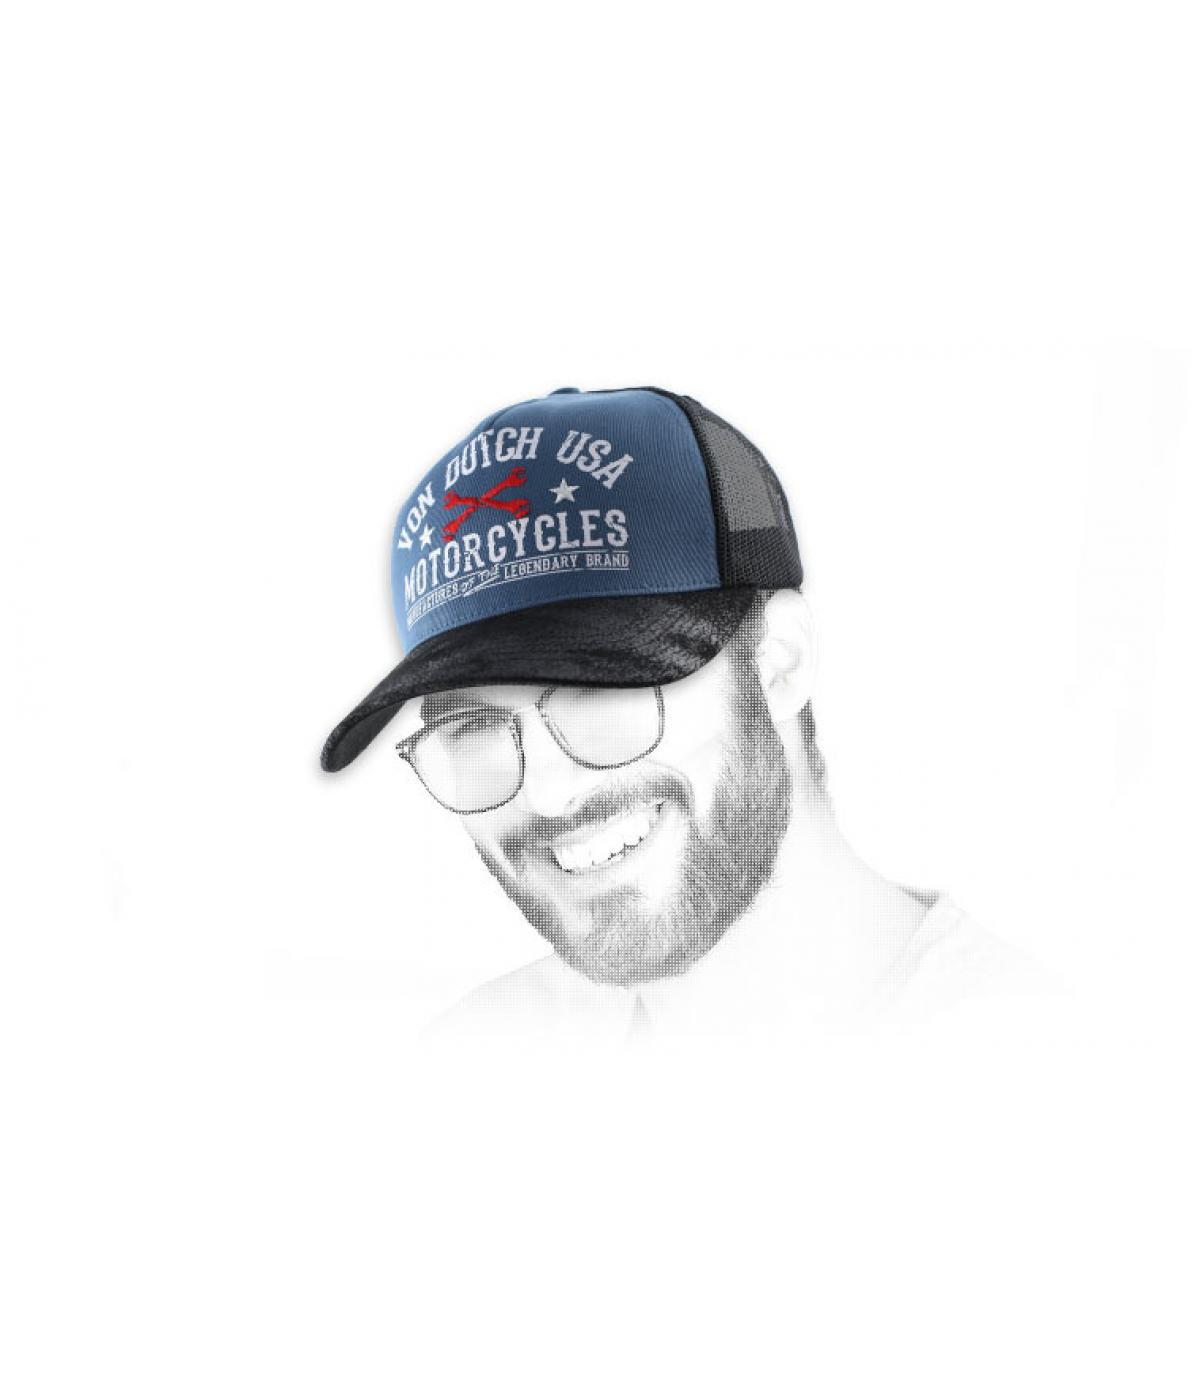 Von cappello camionista olandese blu.